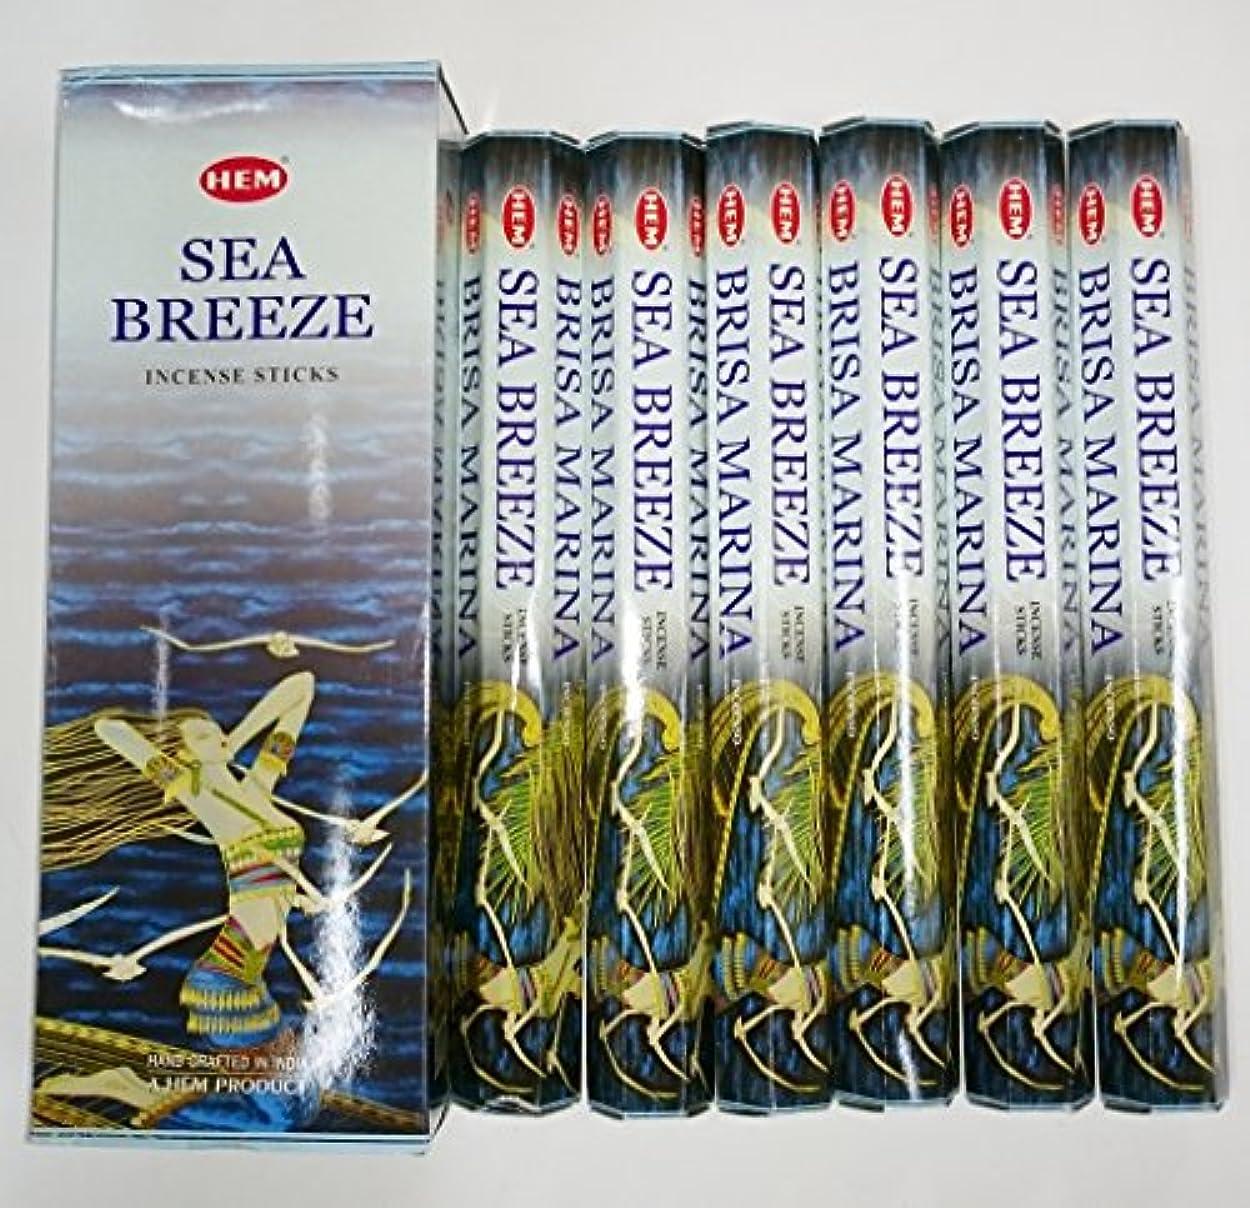 不愉快に学士助言するHEM (ヘム) インセンス スティック へキサパック シーブリーズ 6角(20本入)×6箱 [並行輸入品]SeaBreeze